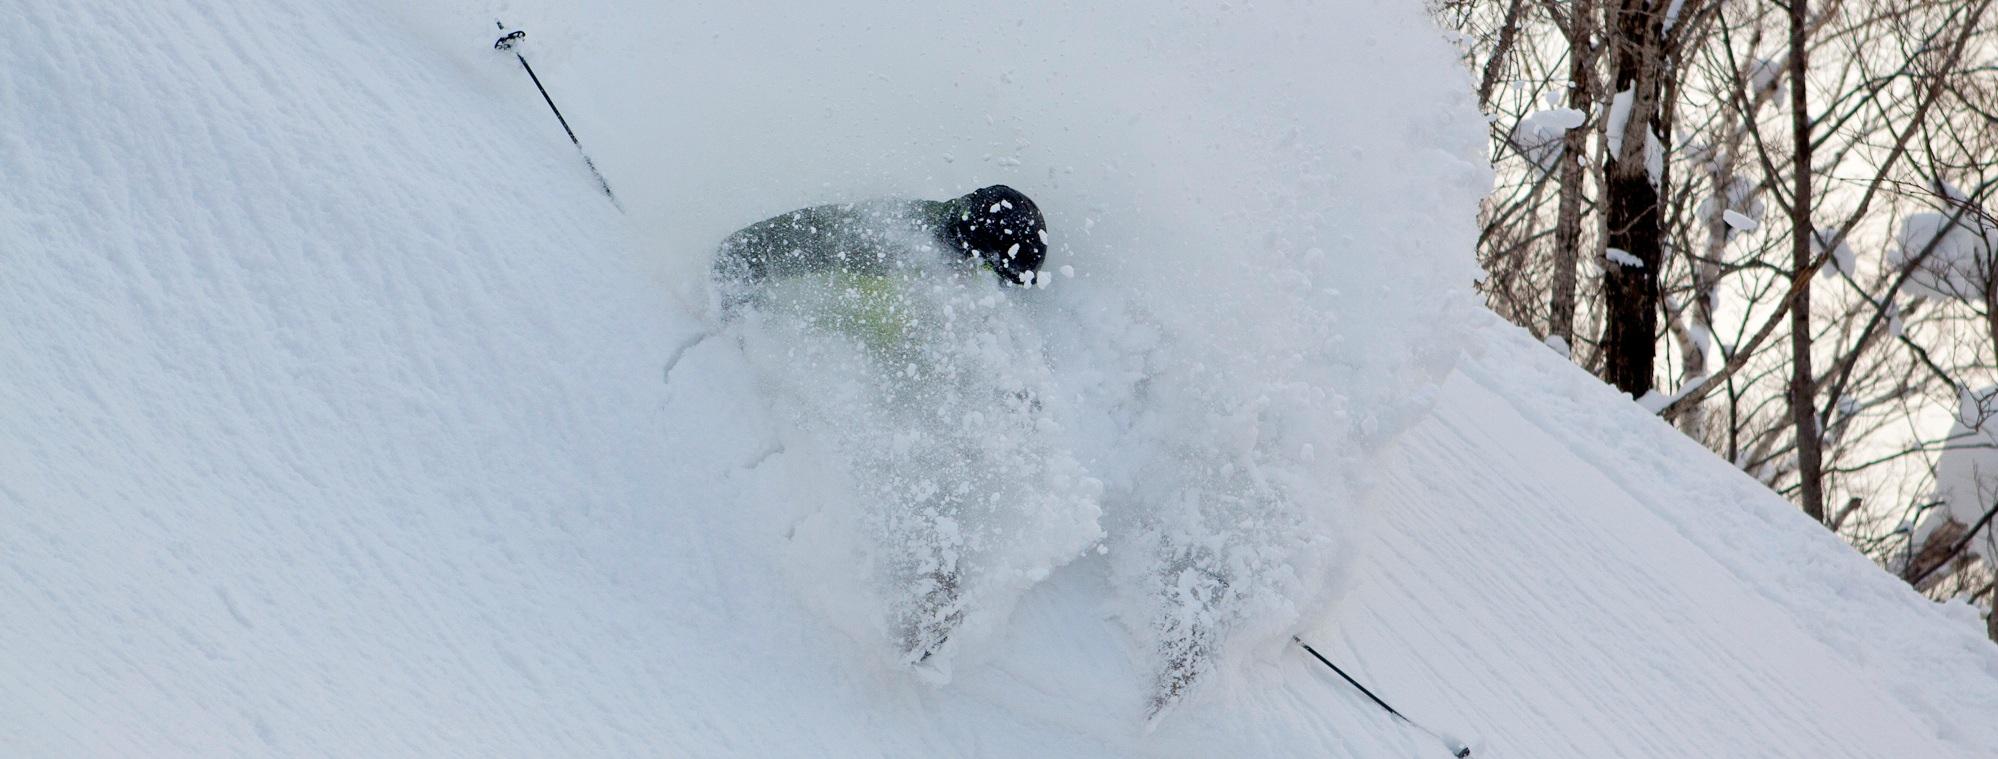 Cat Skiing Pow